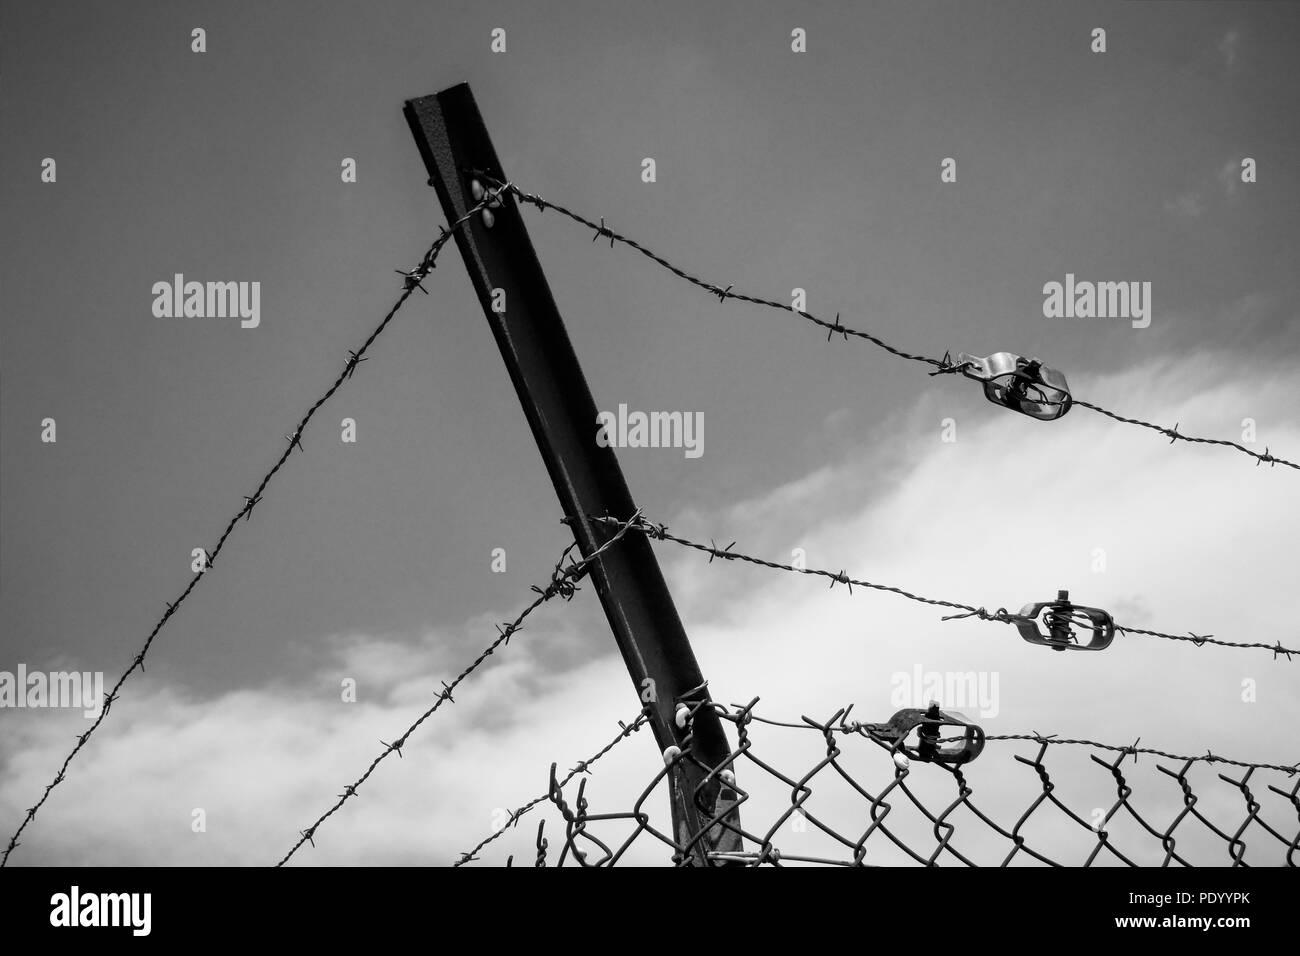 Stacheldraht und Spanner, Barjols, Var, Frankreich Stockfoto